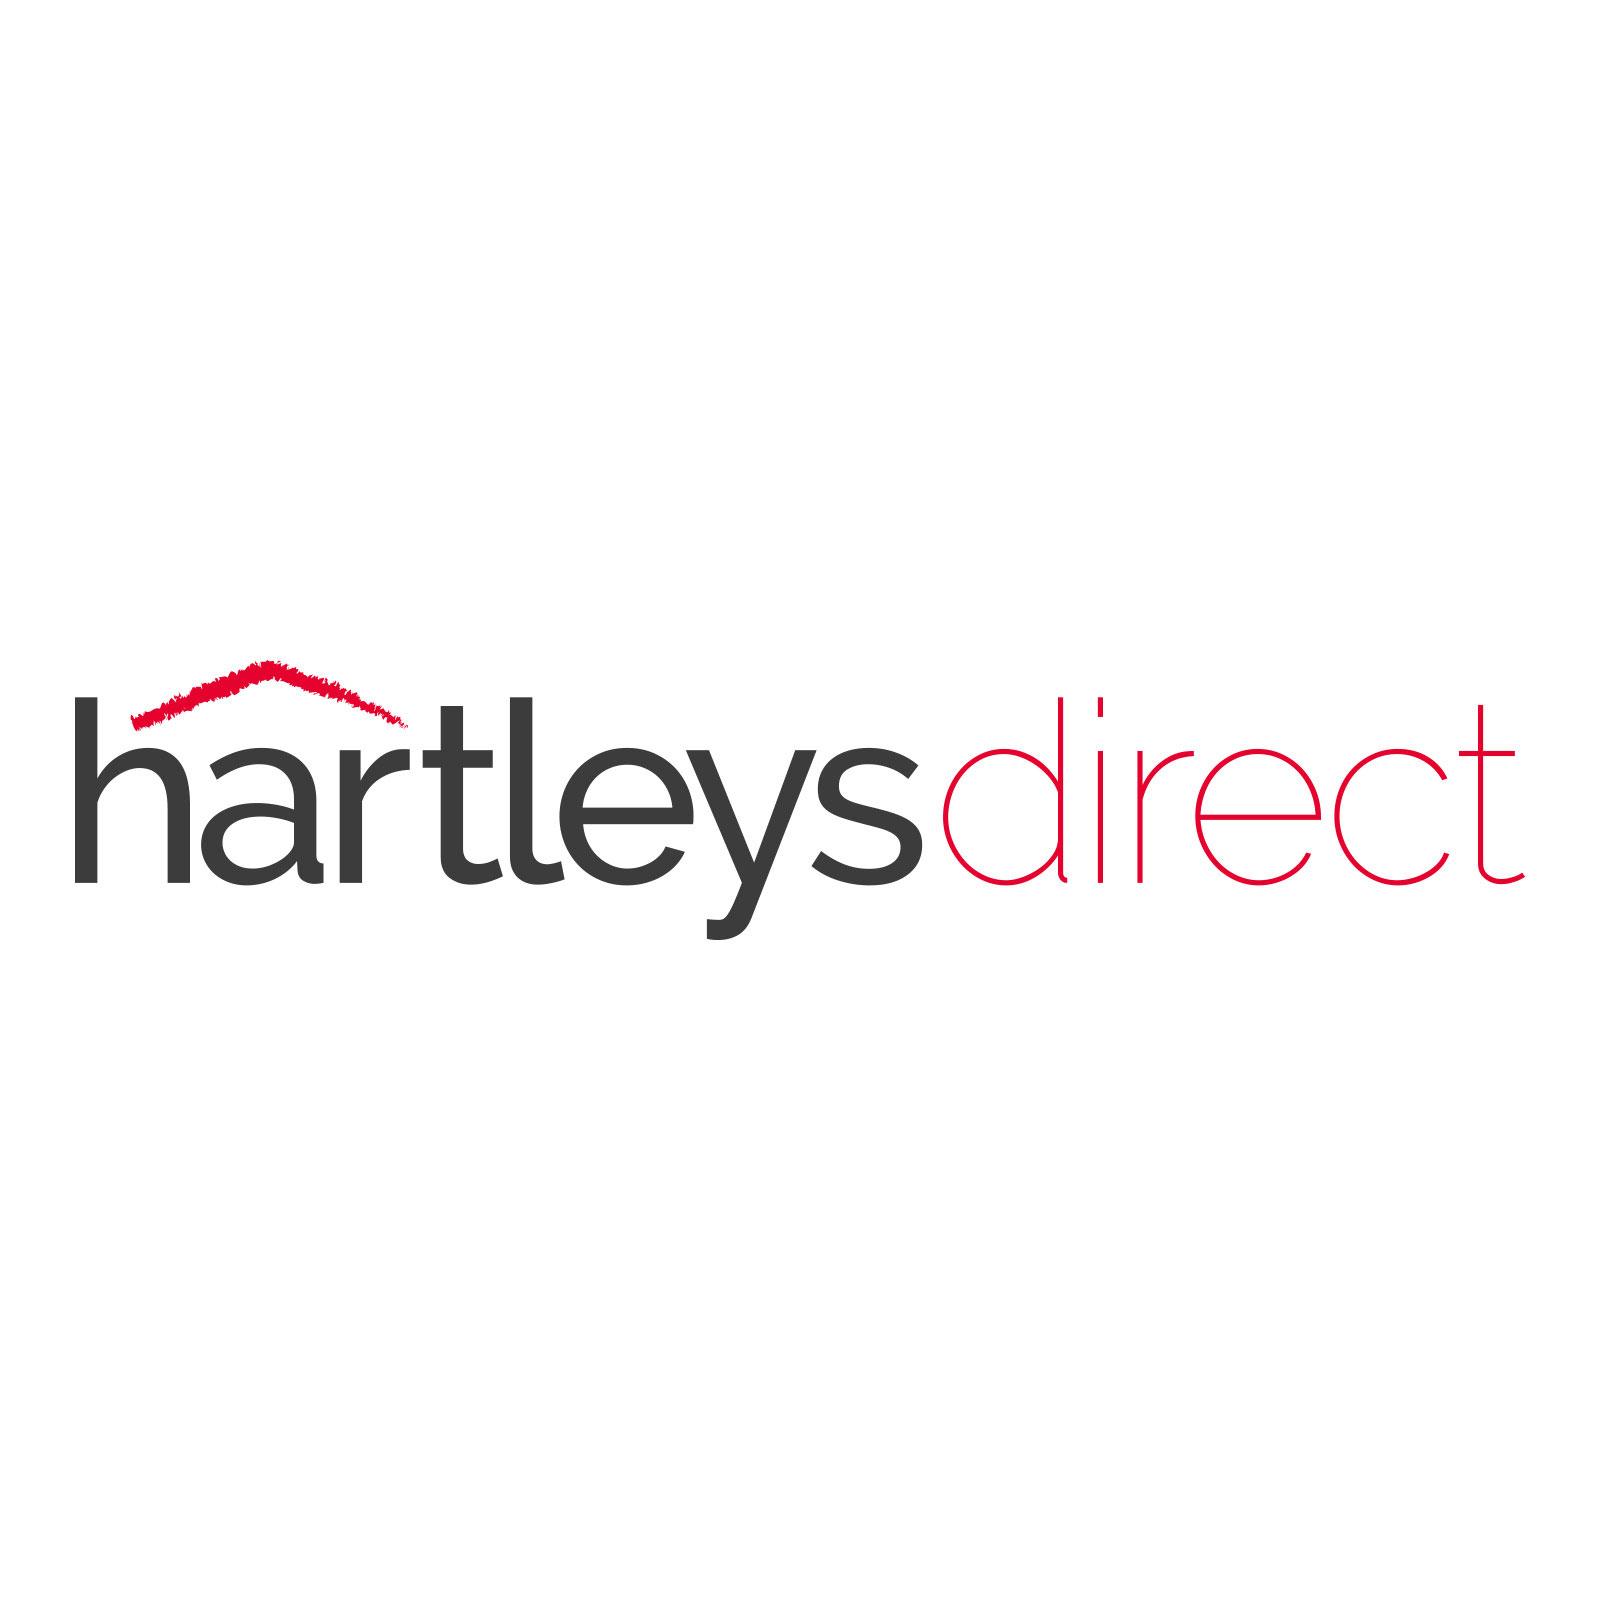 Hartleys-6ft-Folding-Bench-on-White-Background.jpg